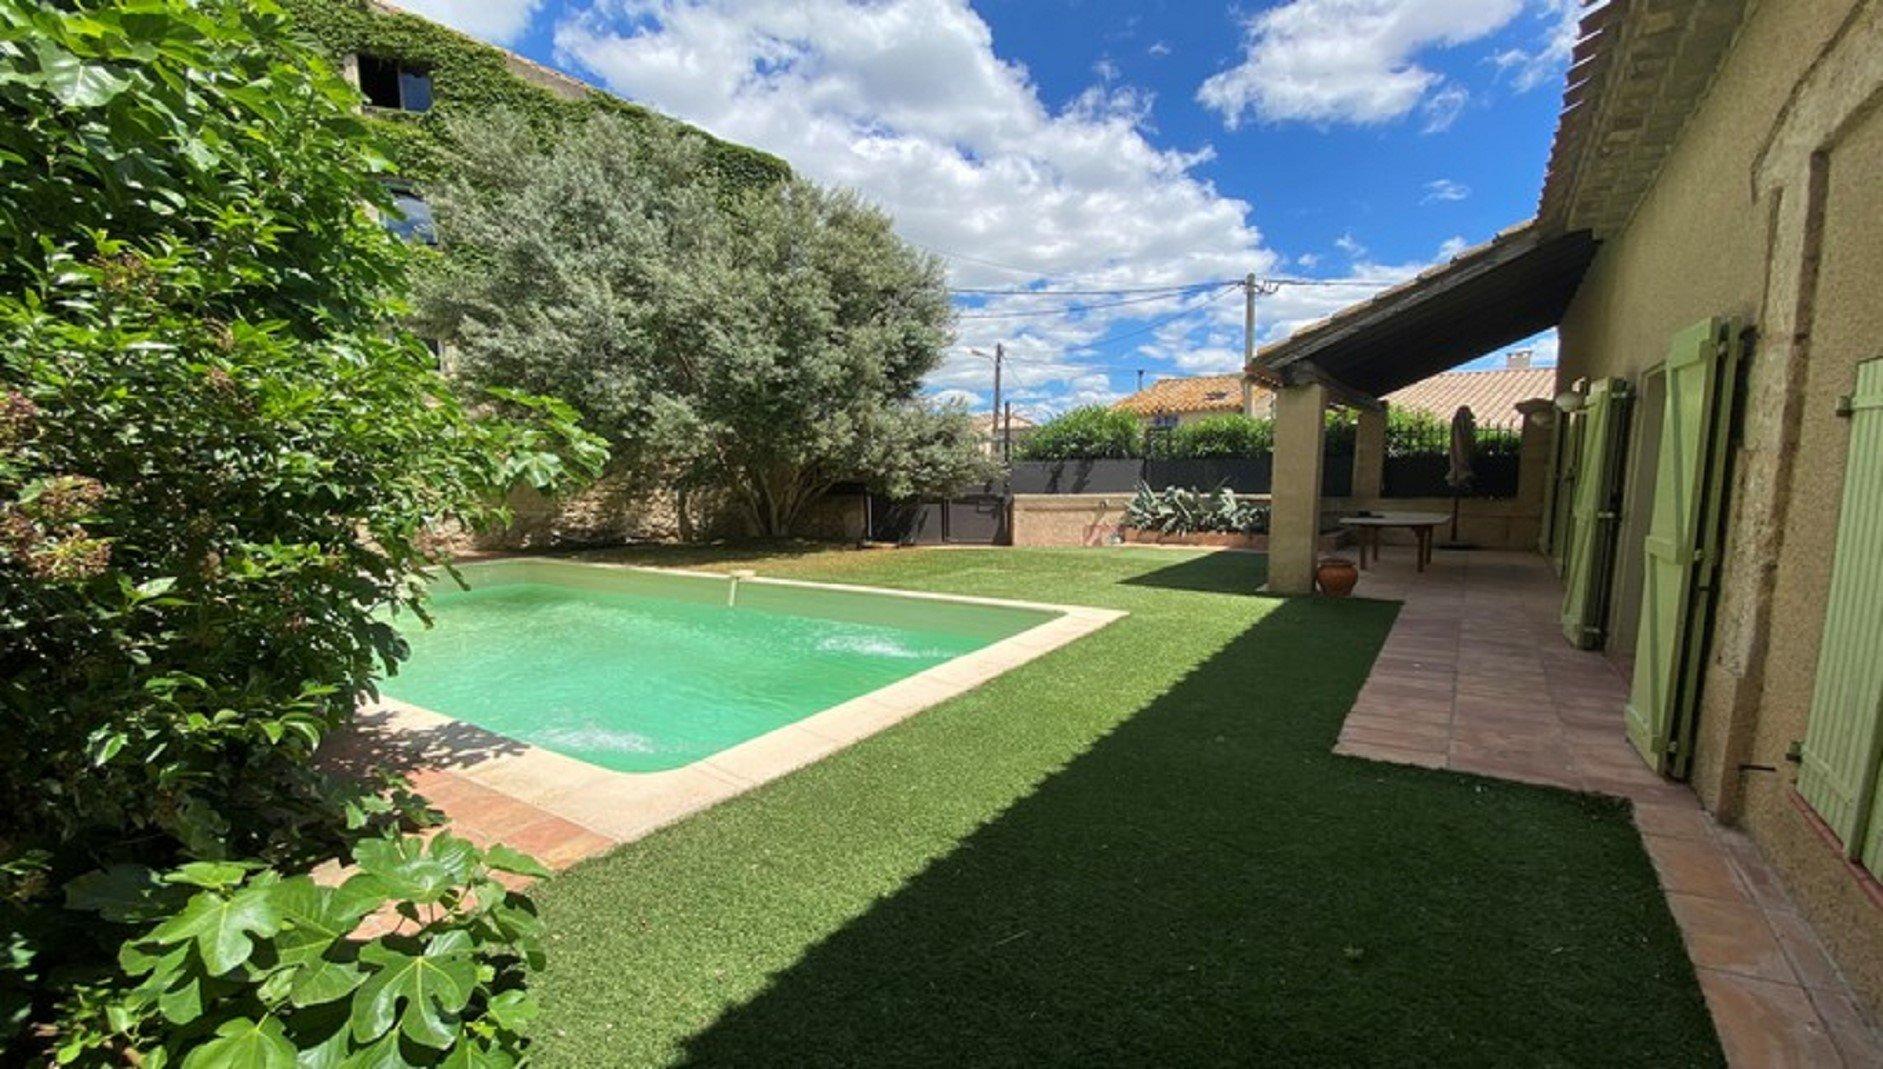 Grange aménagé avec piscine